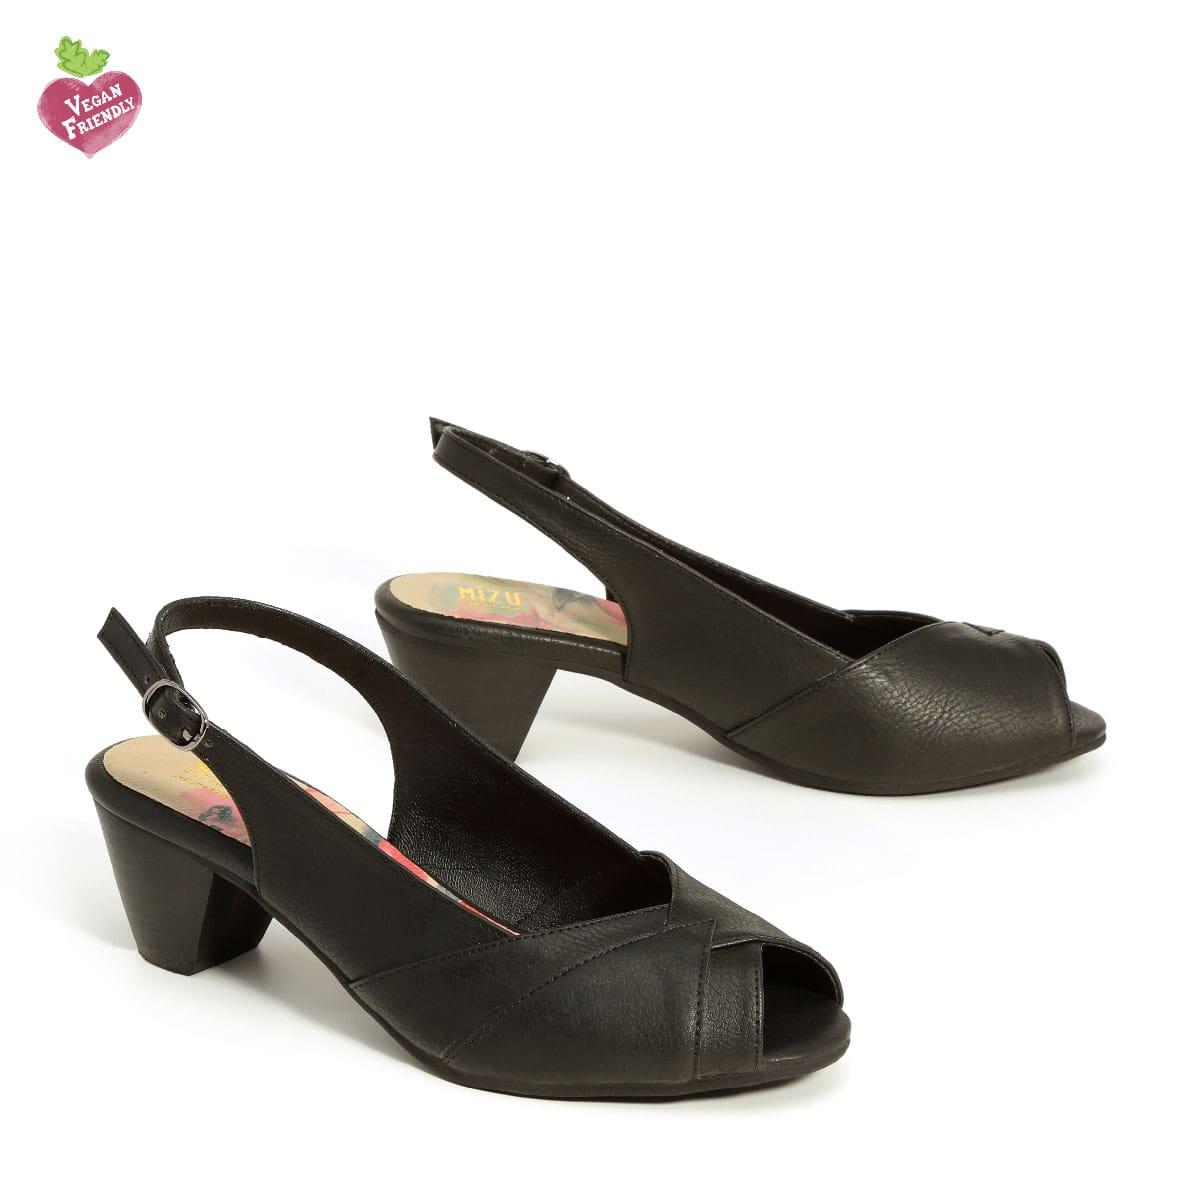 בלעדי לאתר - דגם ירדן: נעלי עקב טבעוניות בצבע שחור